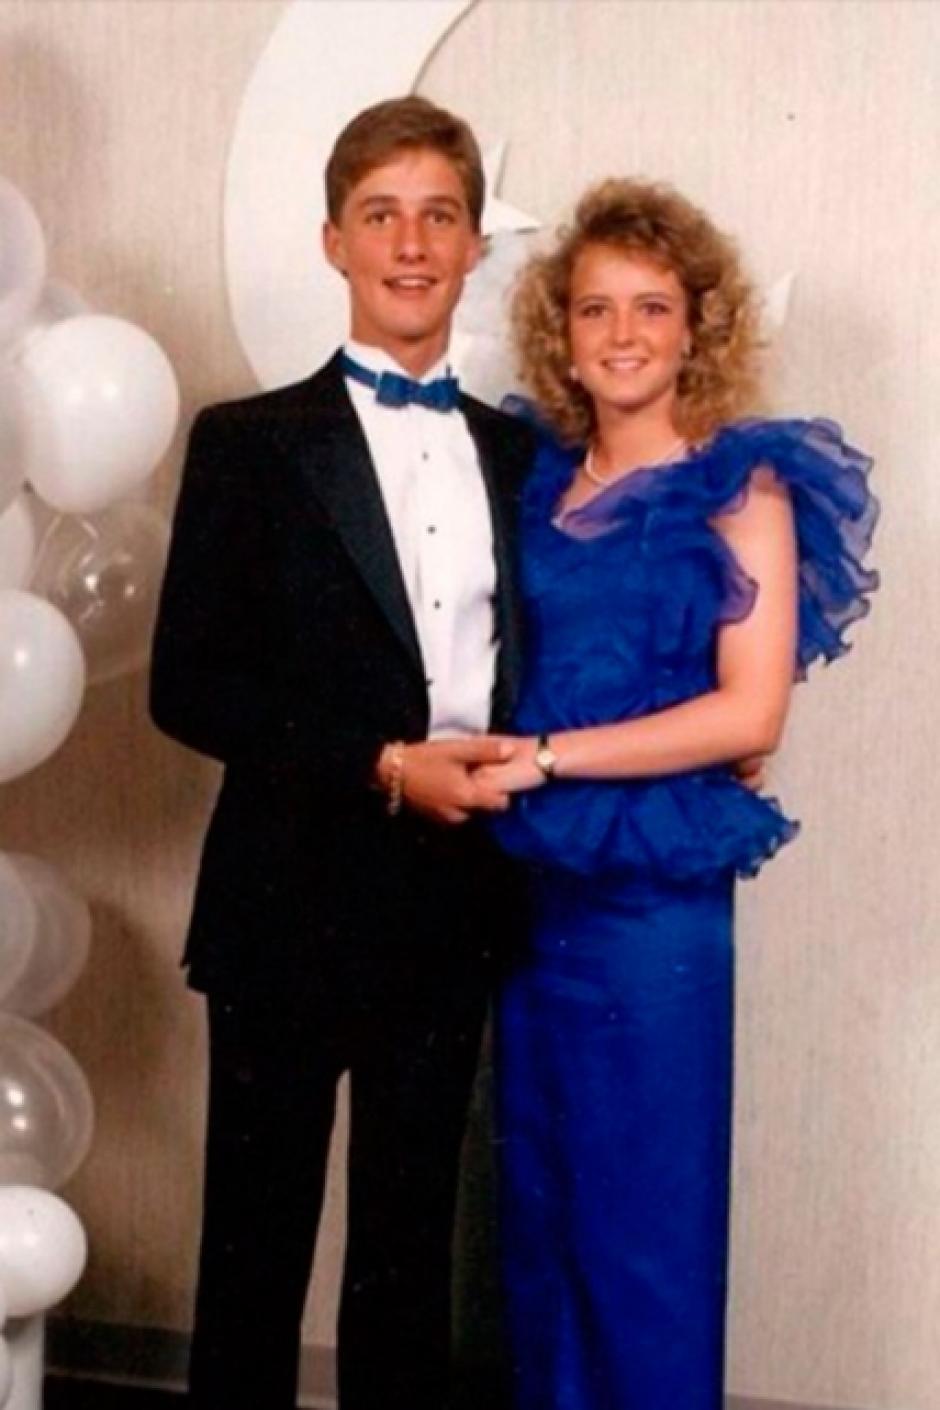 Matthew McConaughey tenia un corbatín color azul que combinaba con el vestido de su acompañante. (Foto: El País)